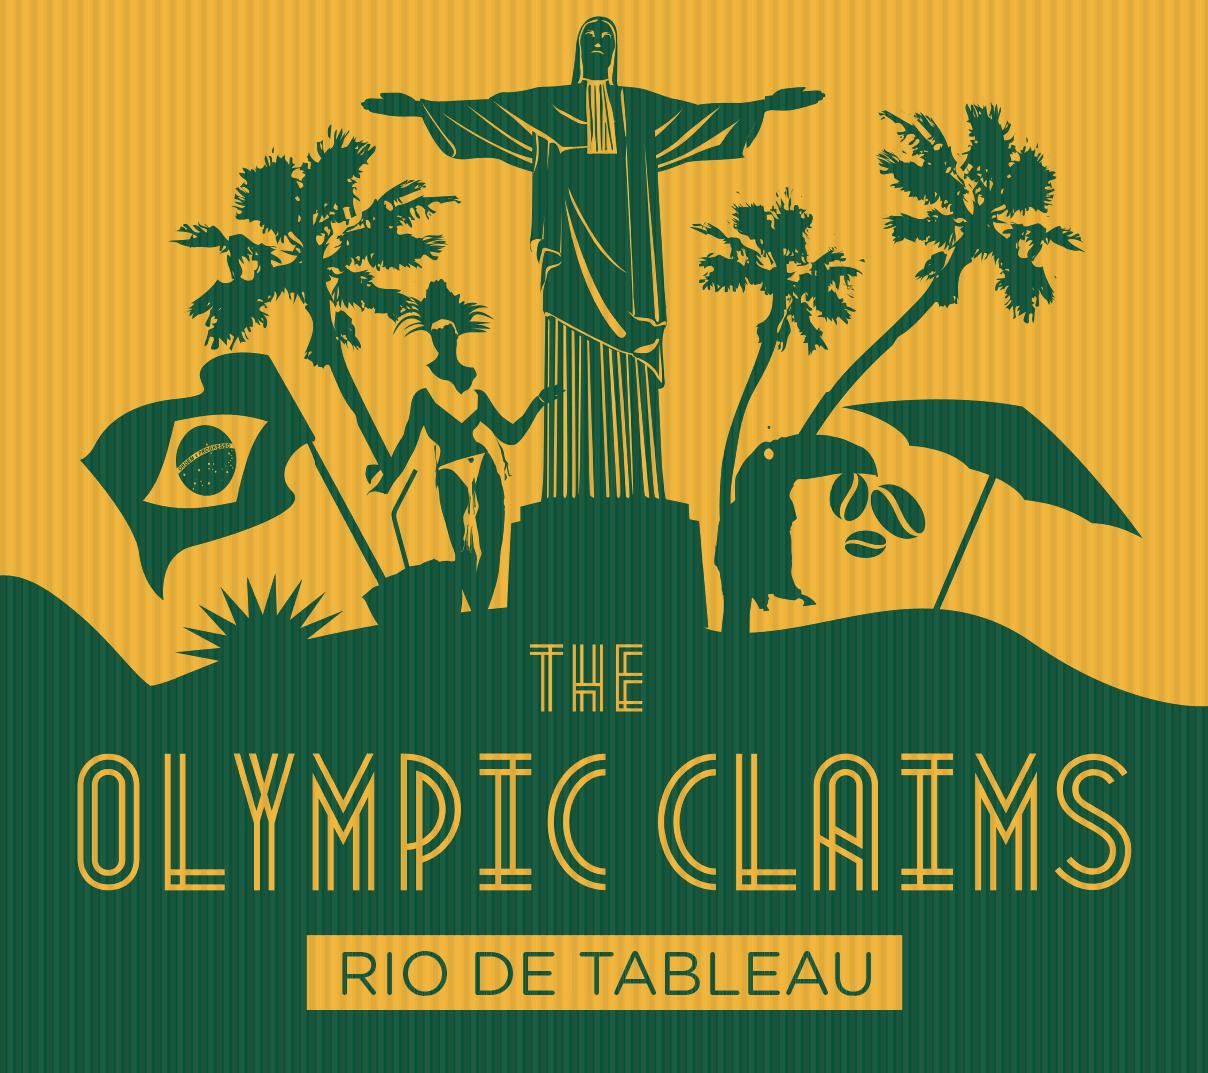 Olympic_Claims_zonder_ringen_tekst